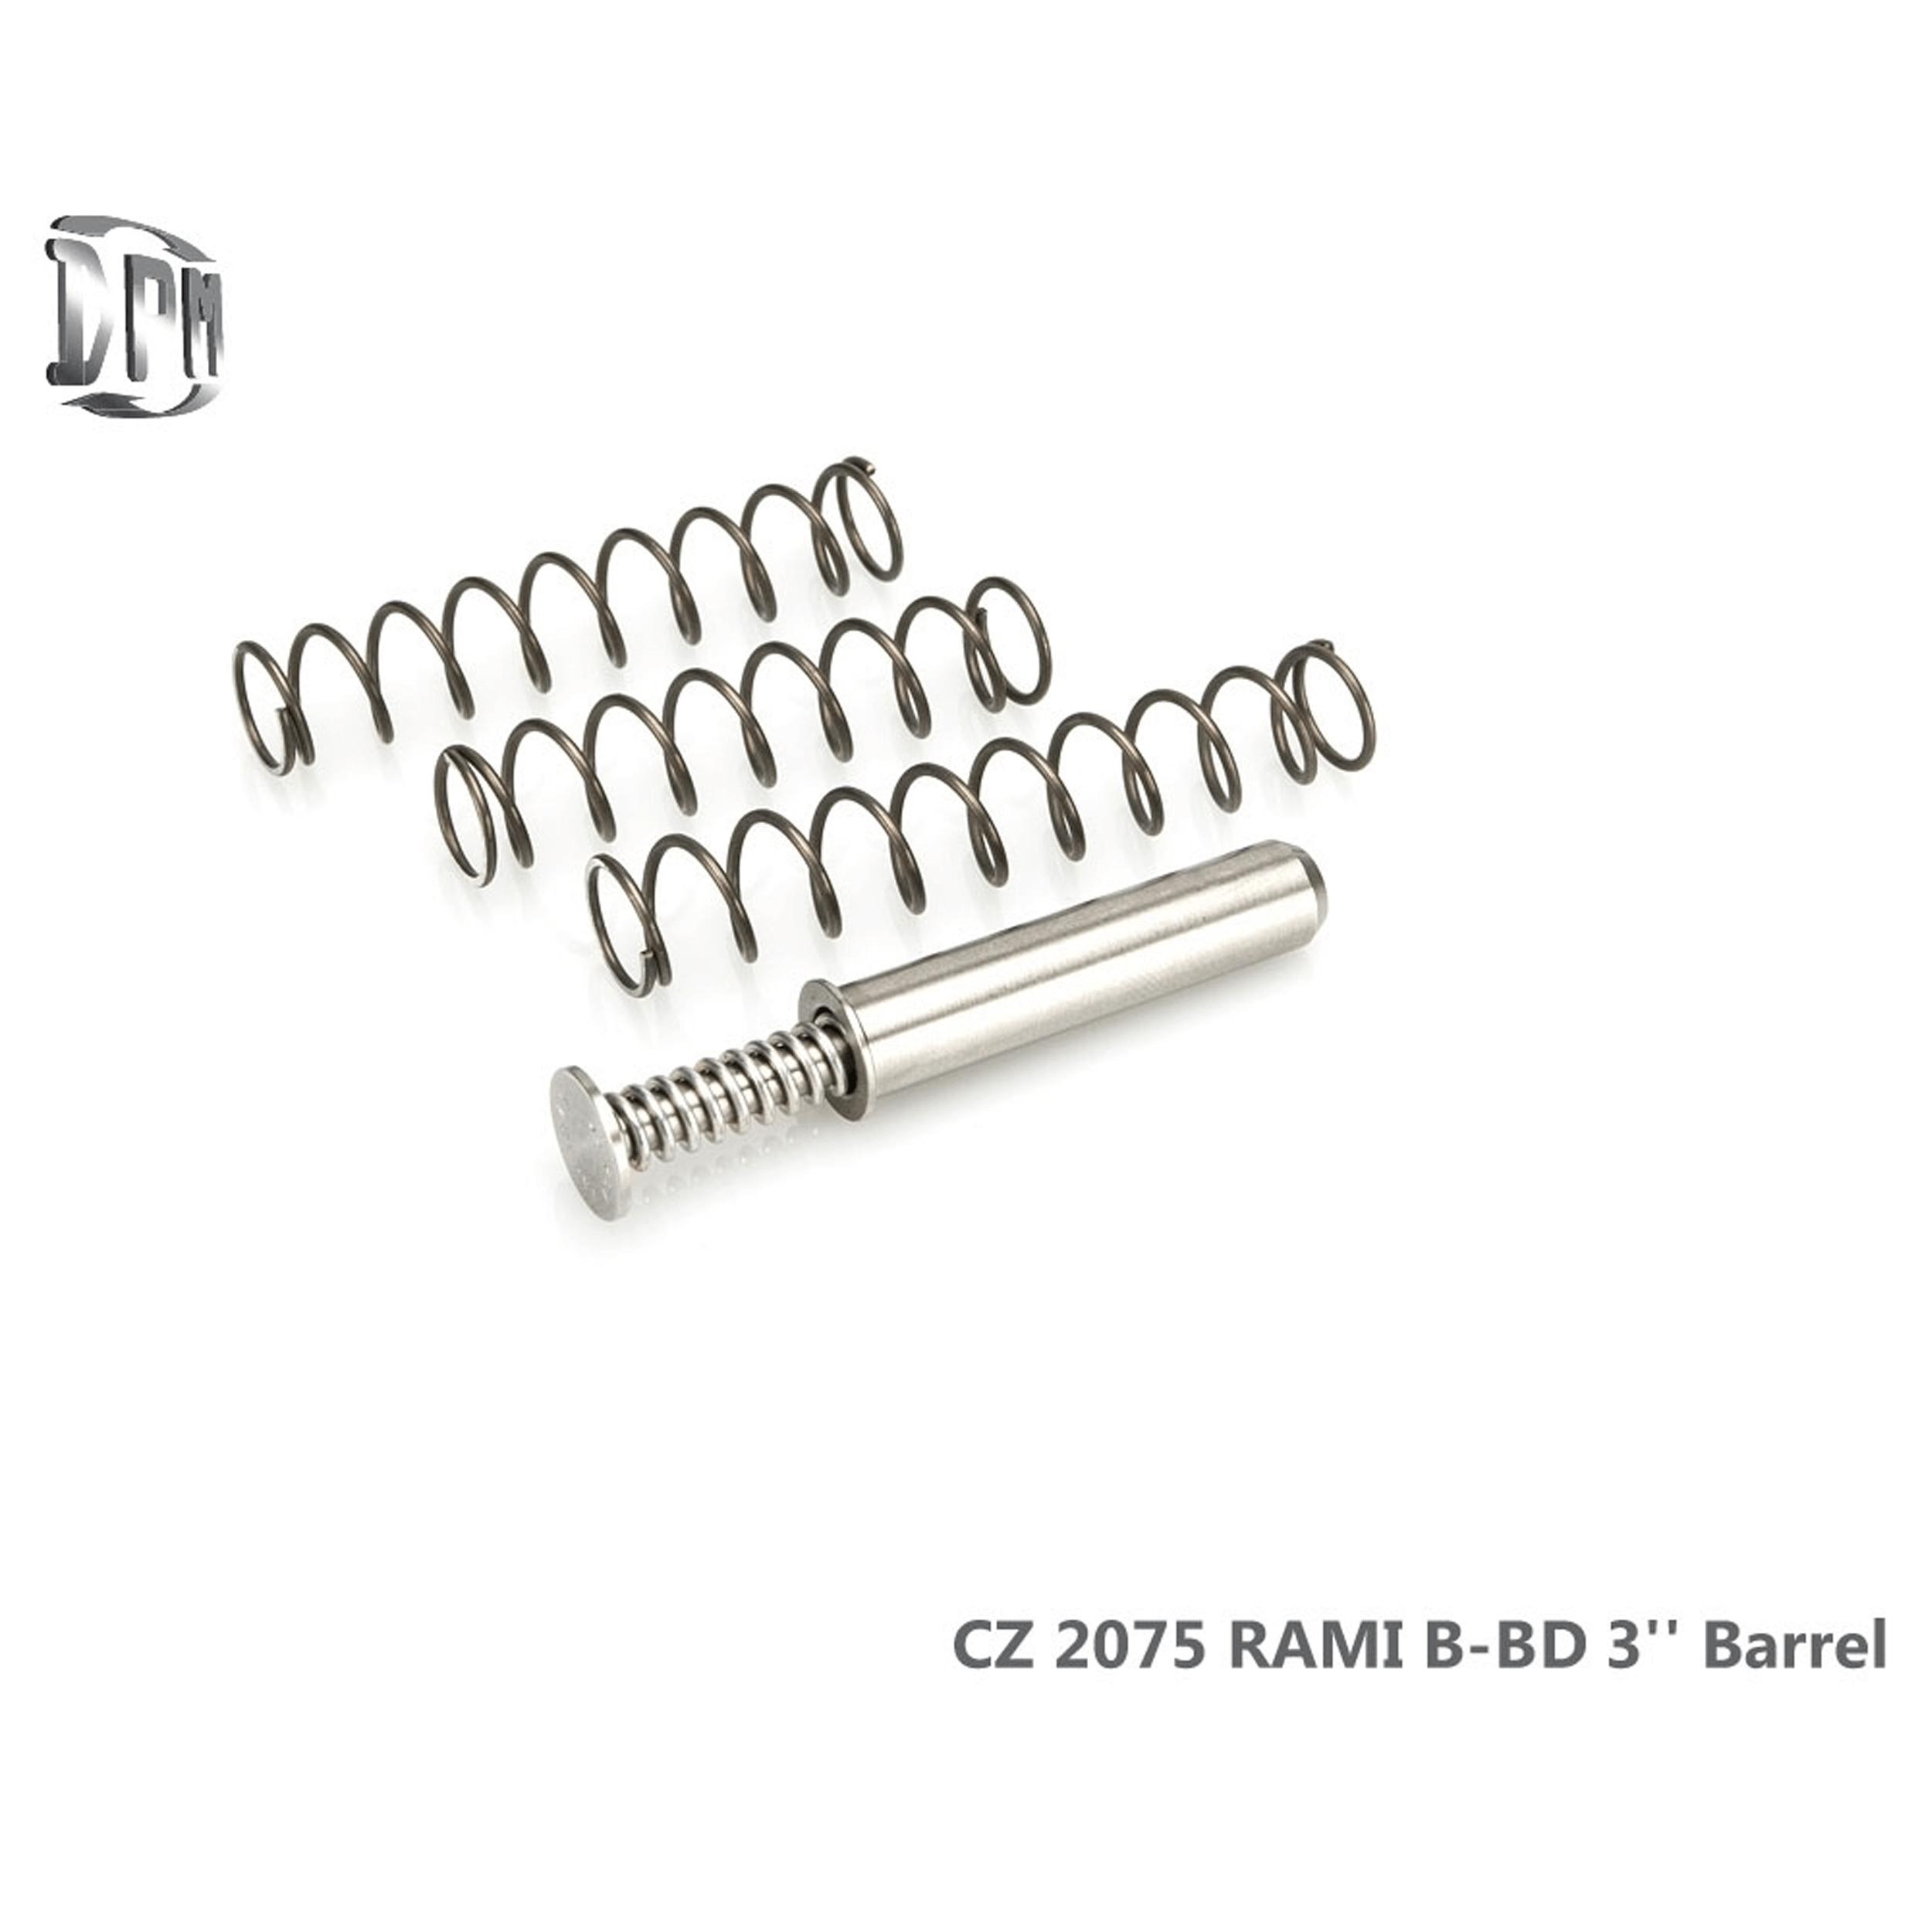 CZ 2075 RAMI B / DB - 9mm / .40 S&W